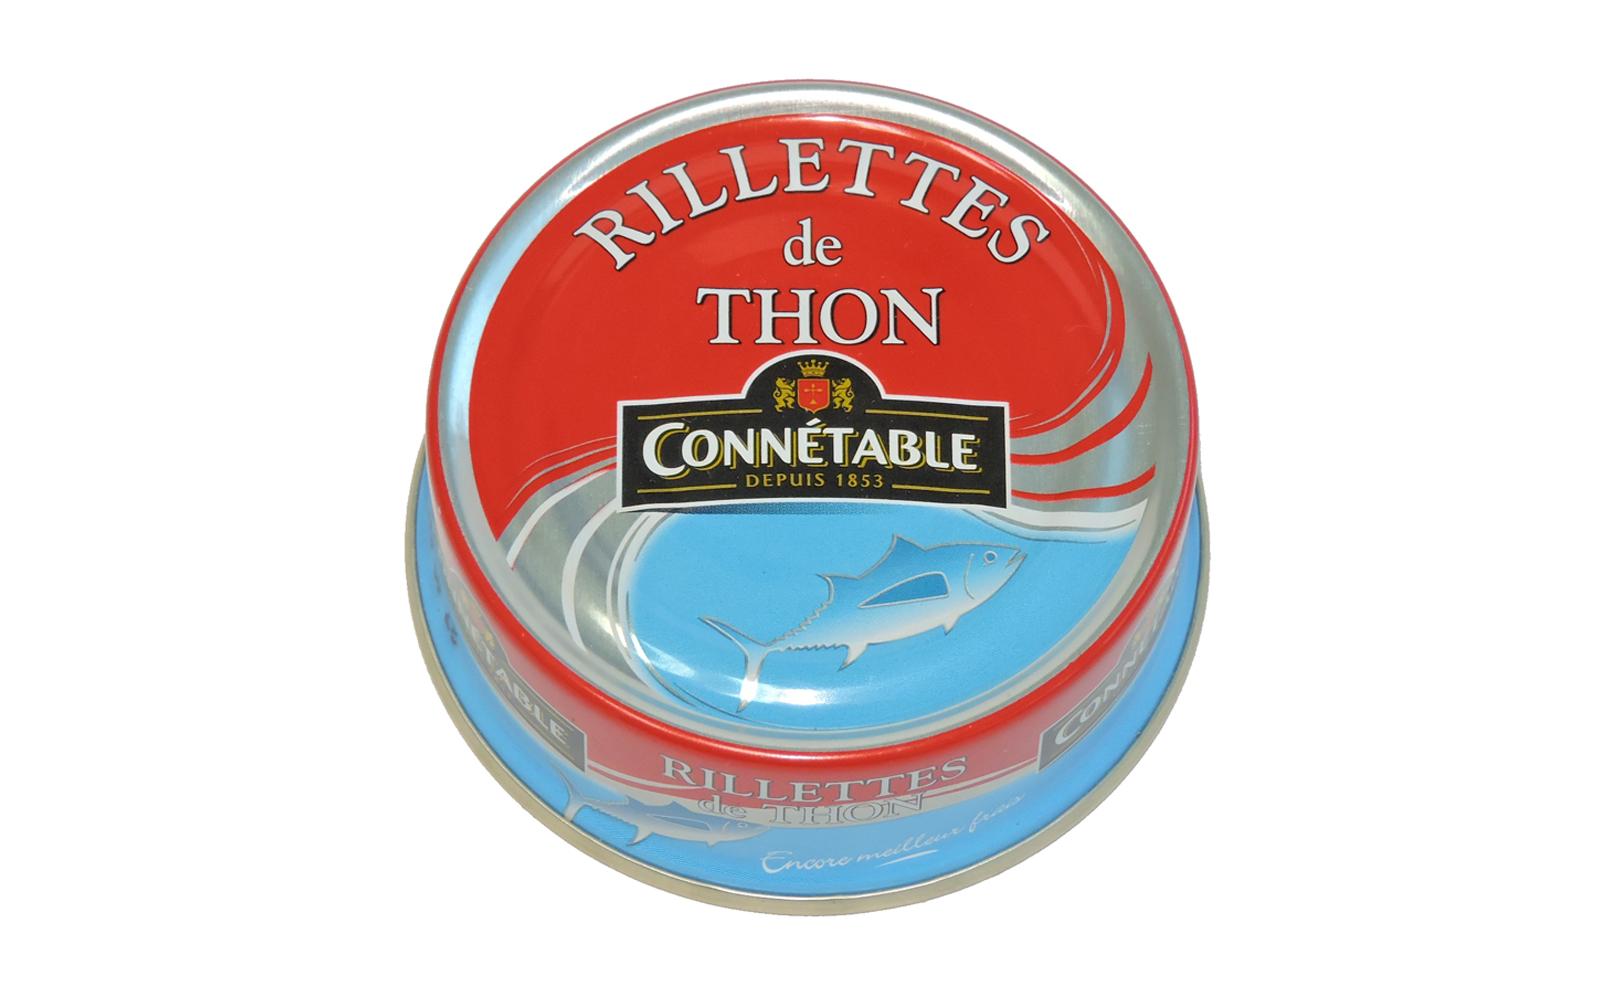 Photo Produit Connétable Rillettes de thon